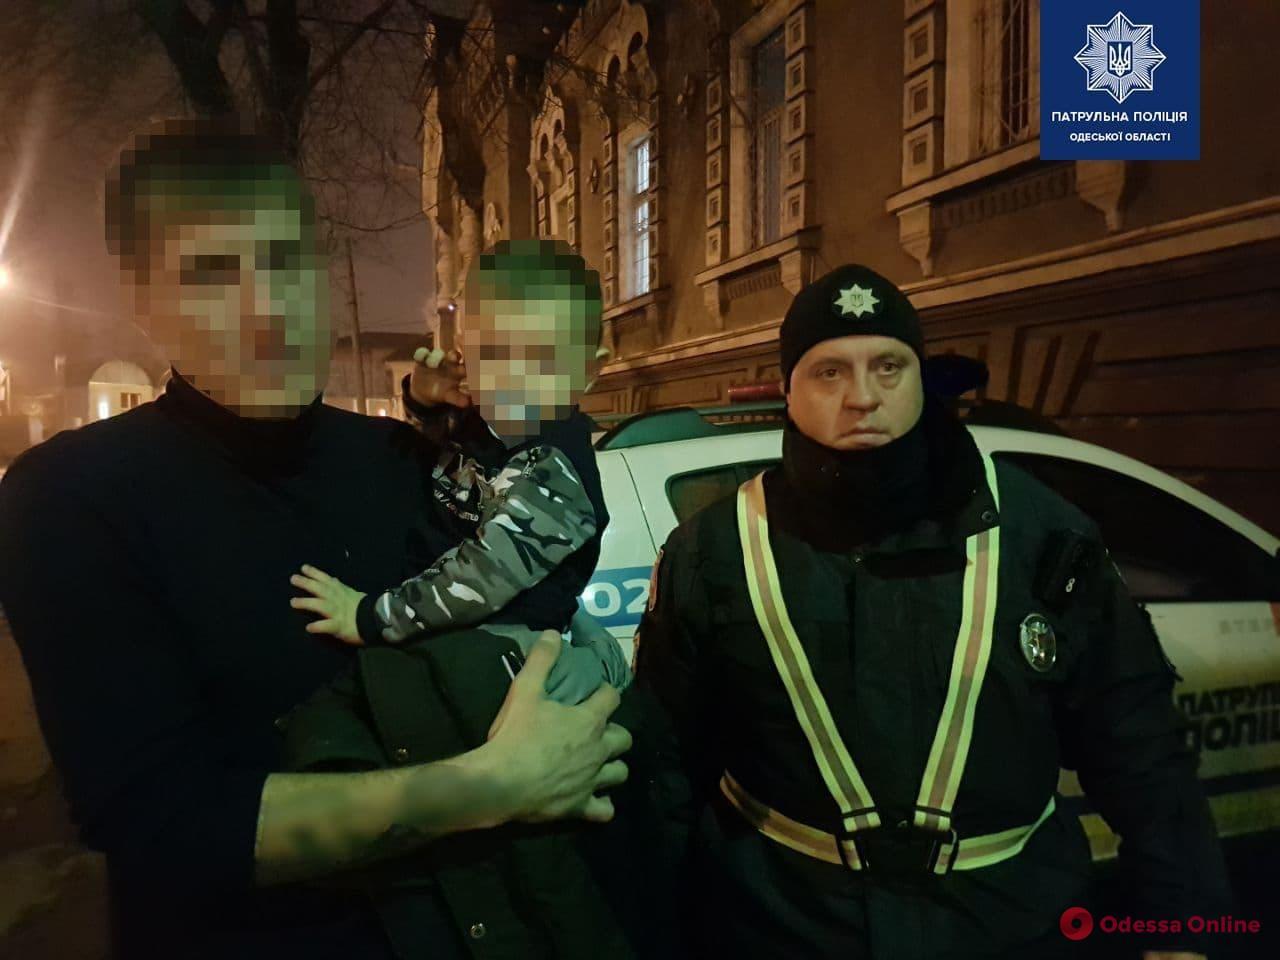 Бродил ночью по улице: одесские патрульные вернули родителям 2-летнего сына